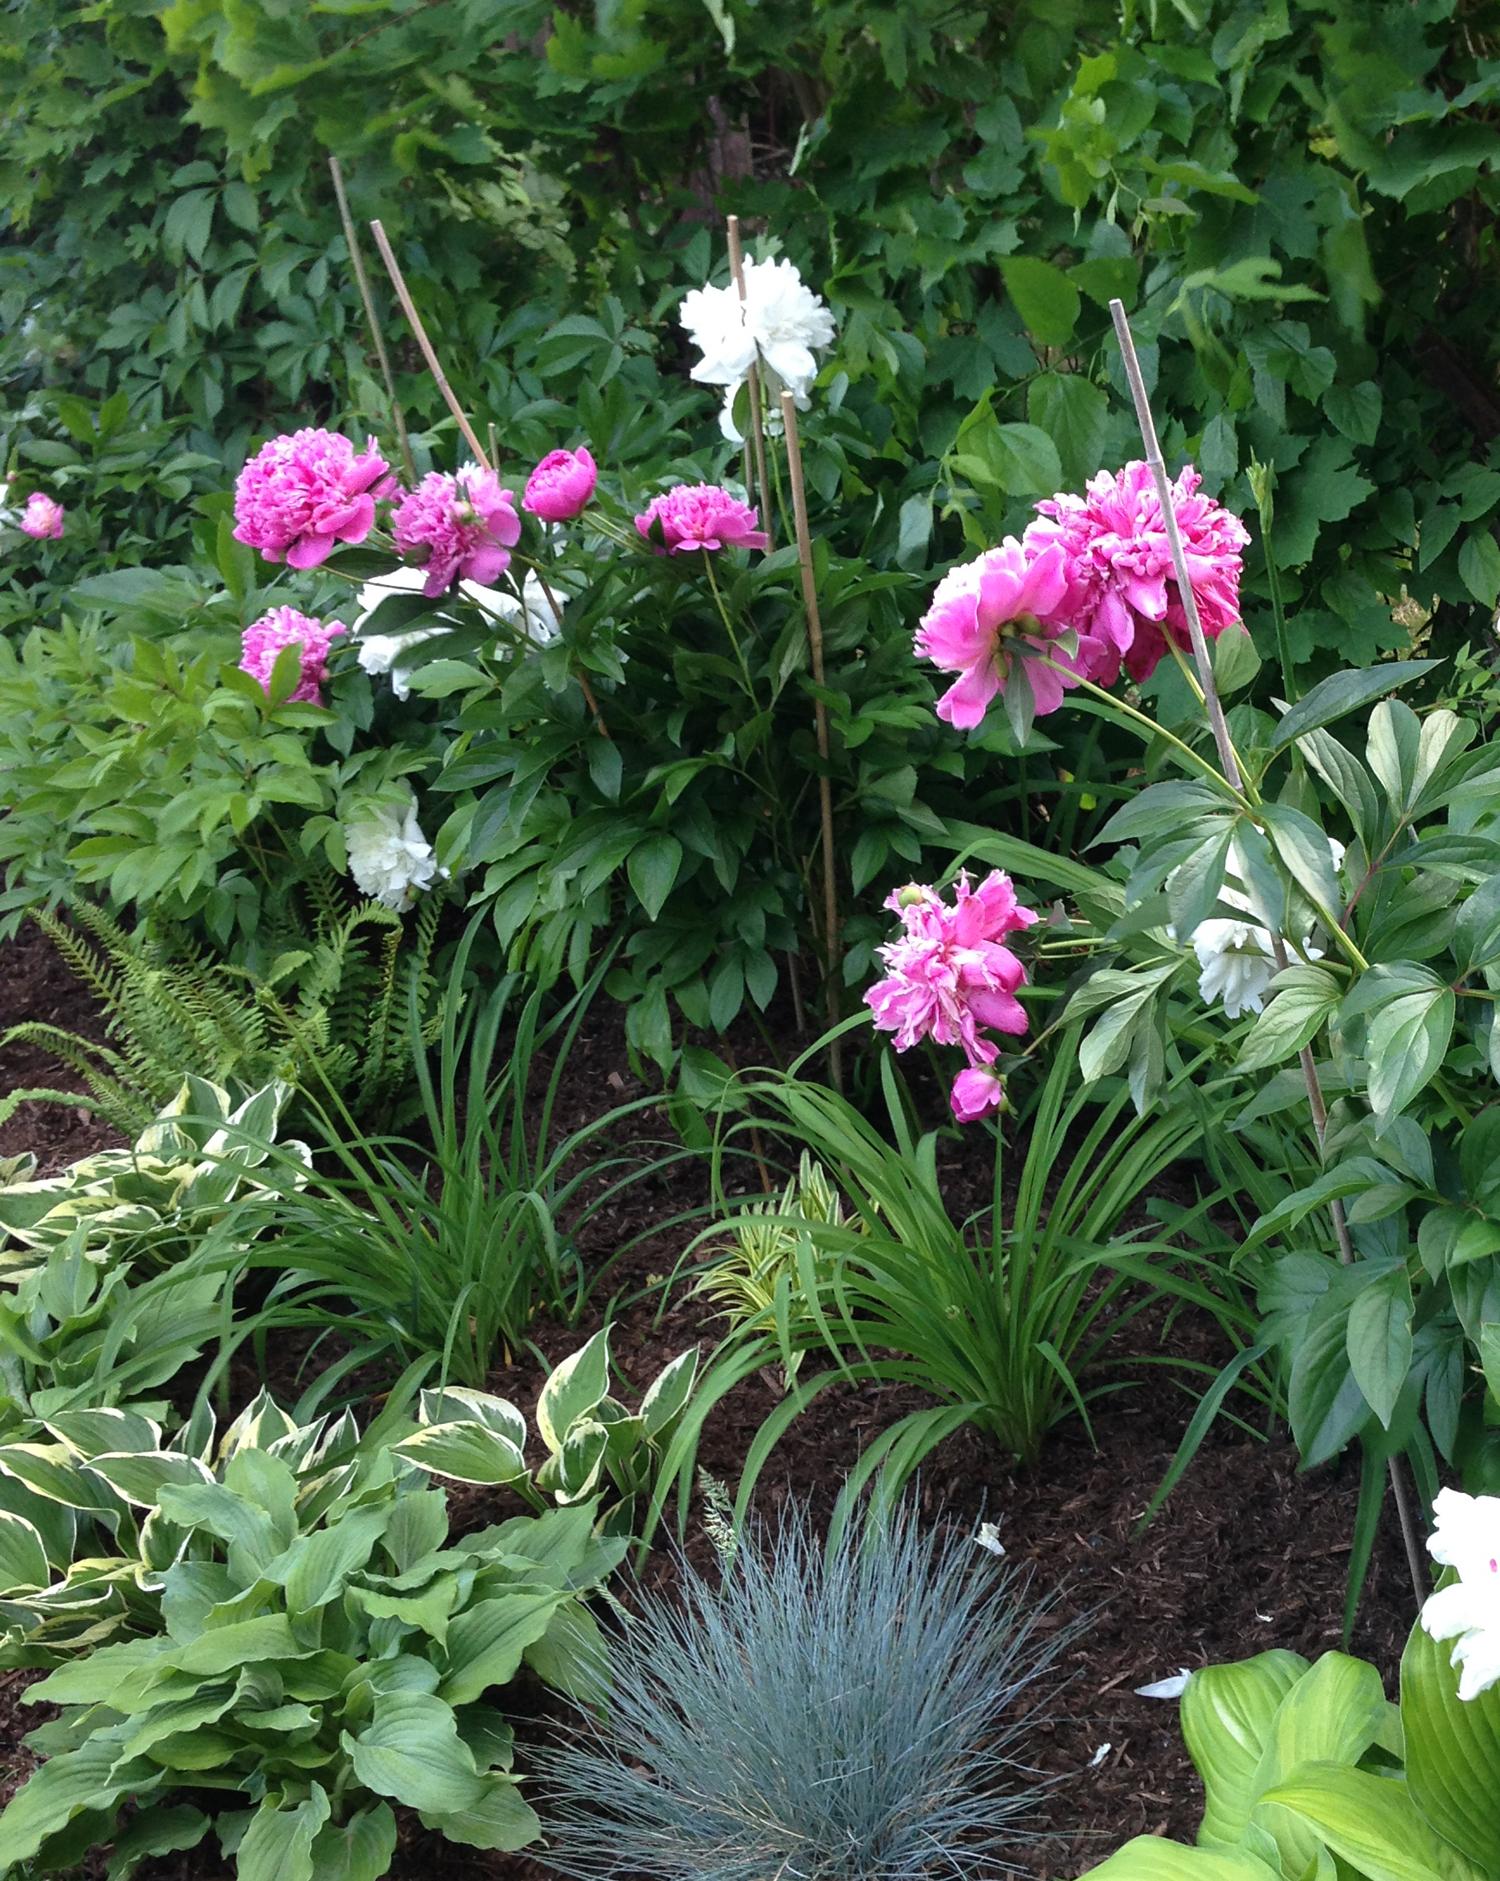 Peonies in Garden Beds